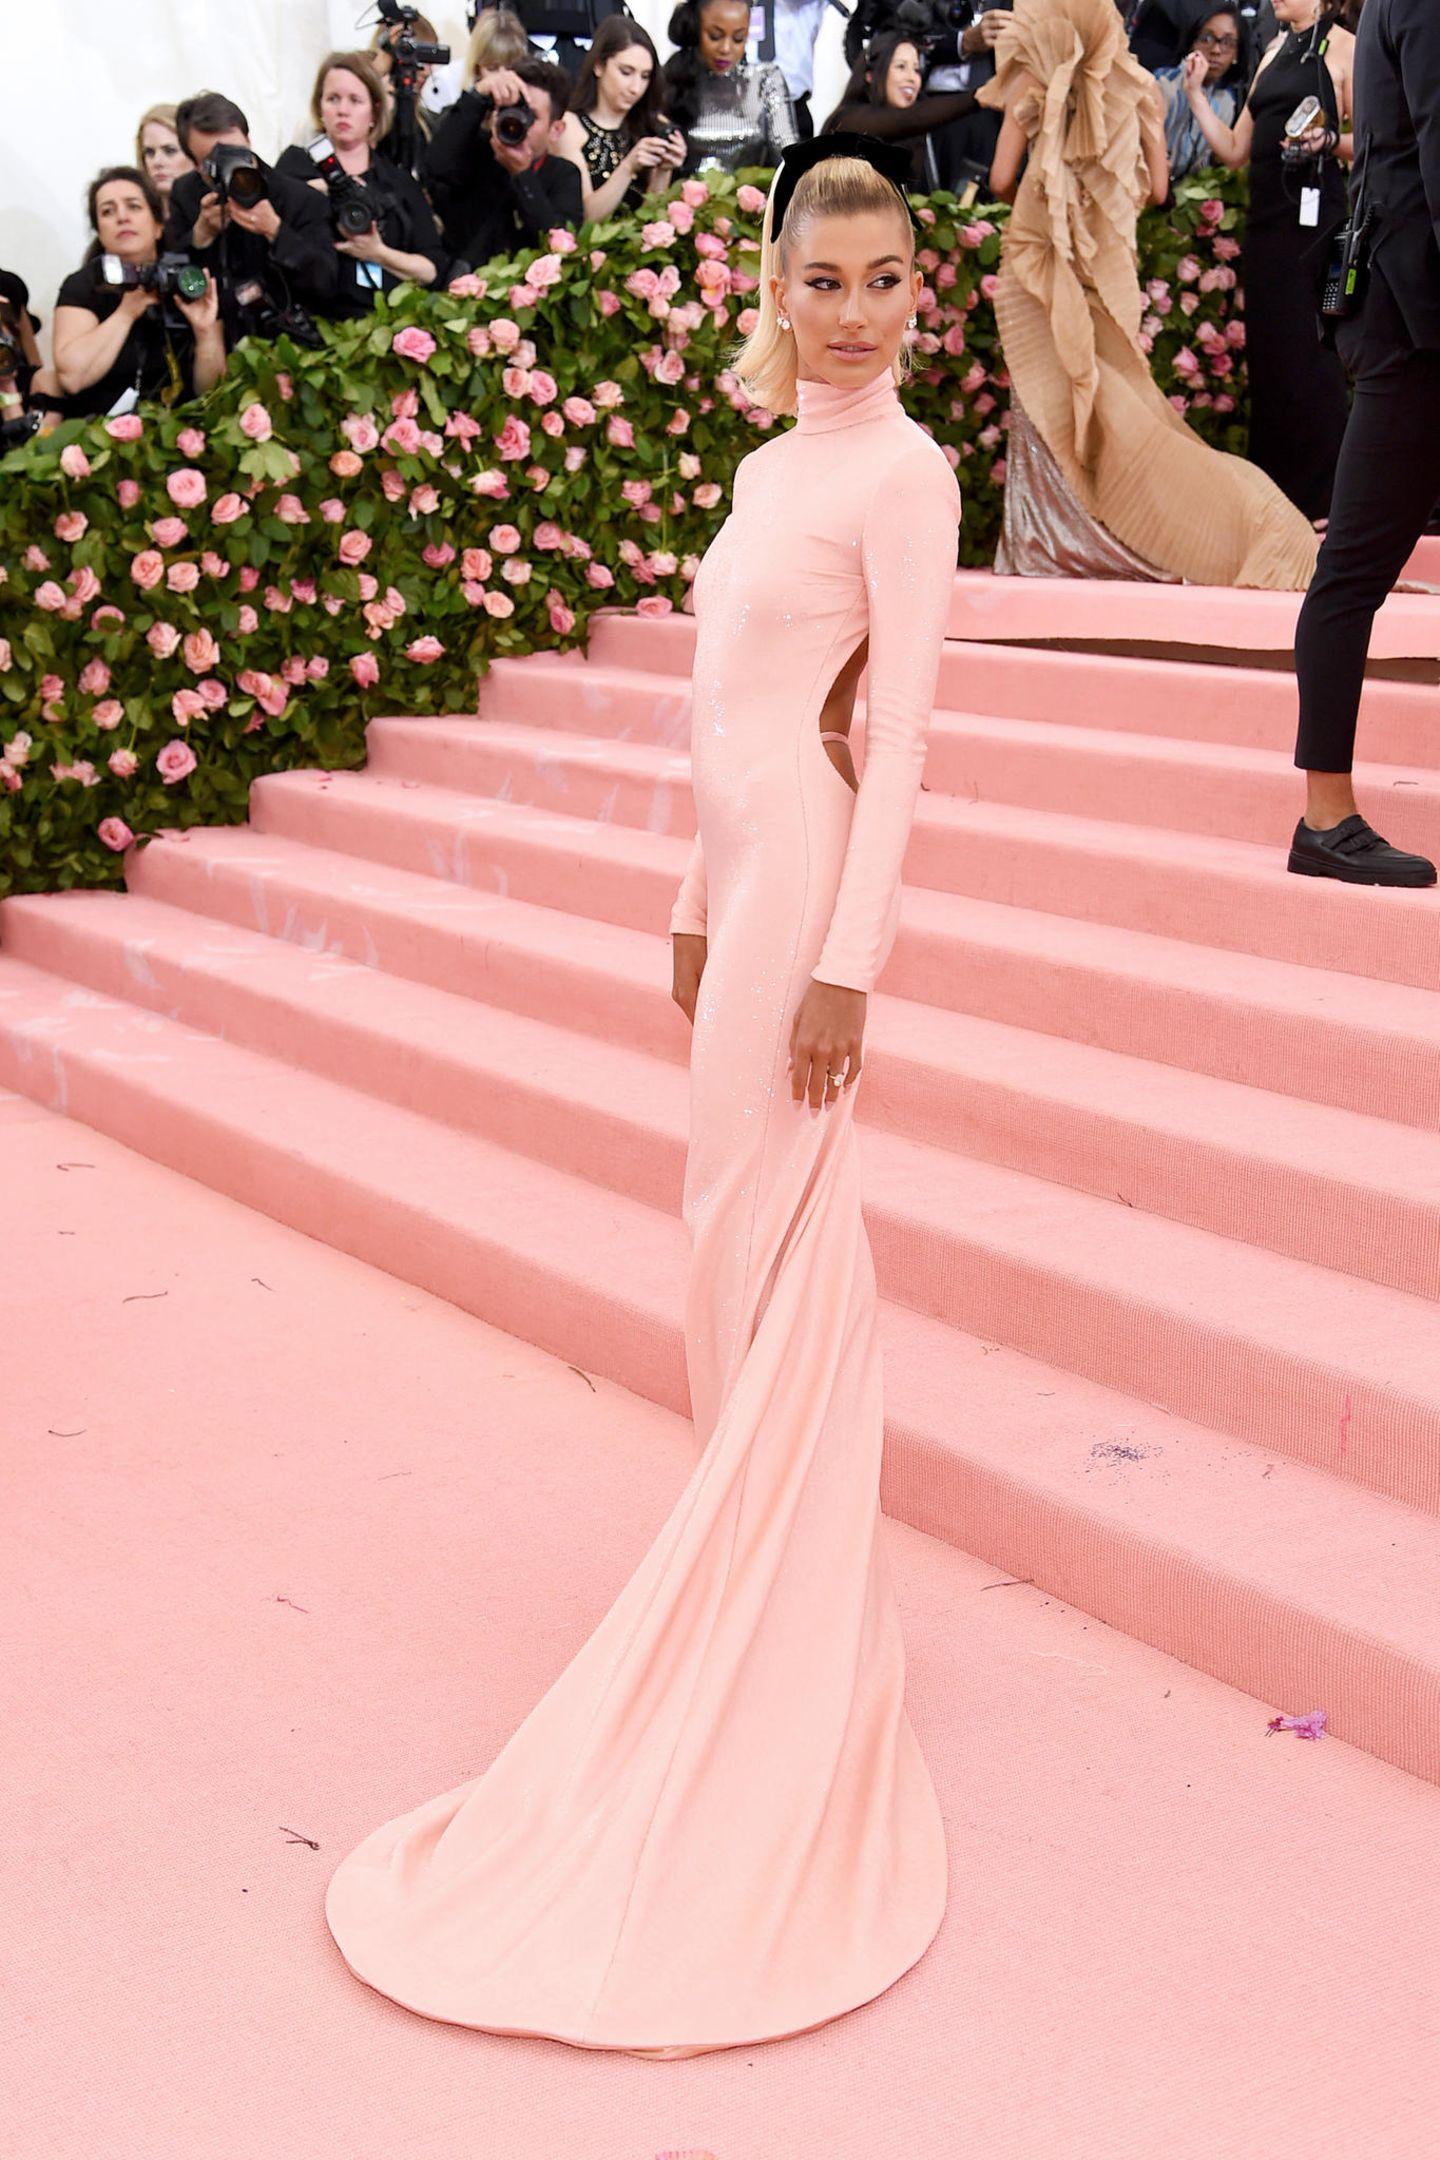 Hailey Bieber, ohne ihren Justin unterwegs, präsentiert zuckersüße Eleganz von Alexander Wang.